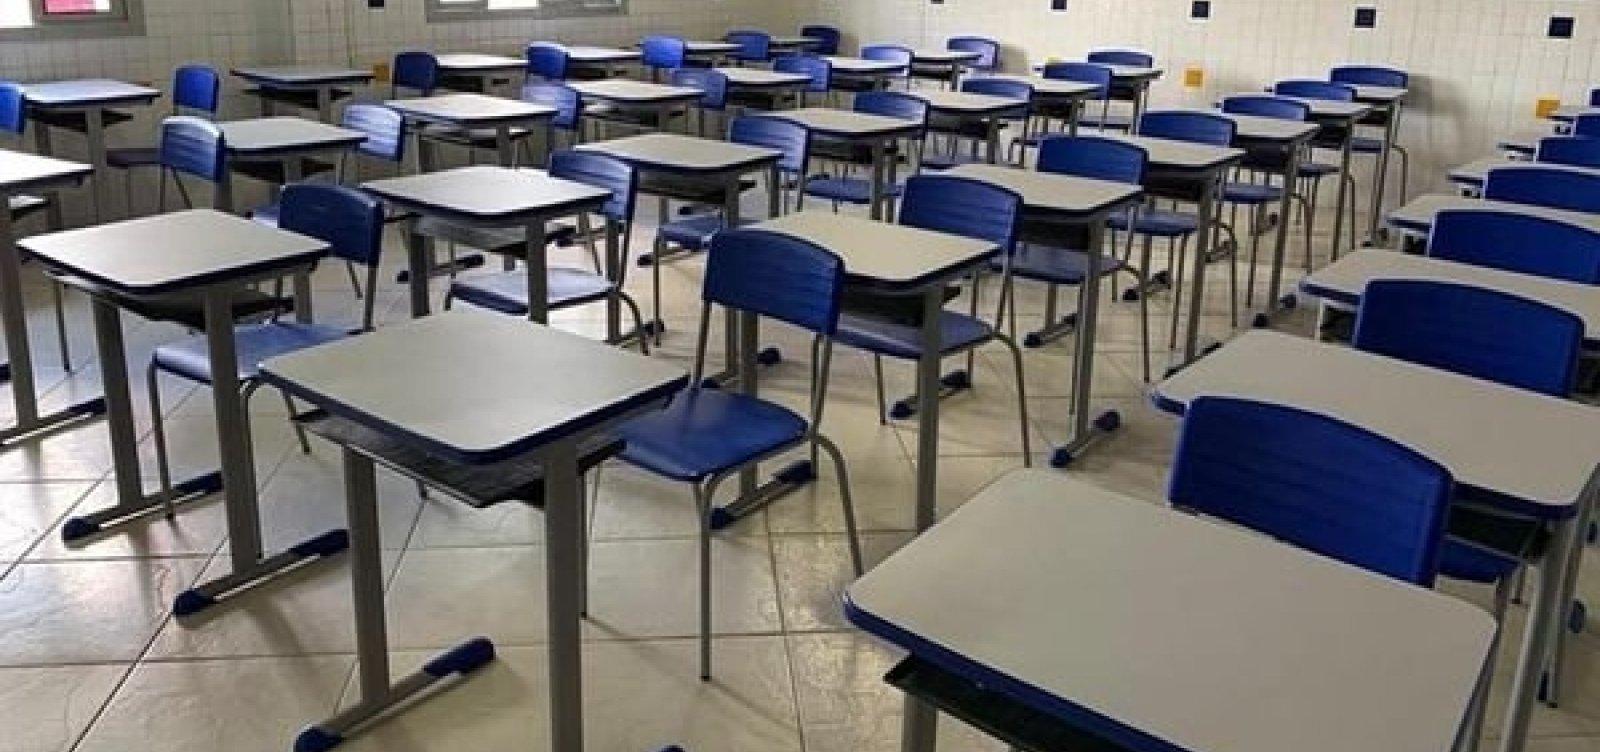 [Governo já repassou R$ 454,3 mi para retomada de aulas da educação básica]